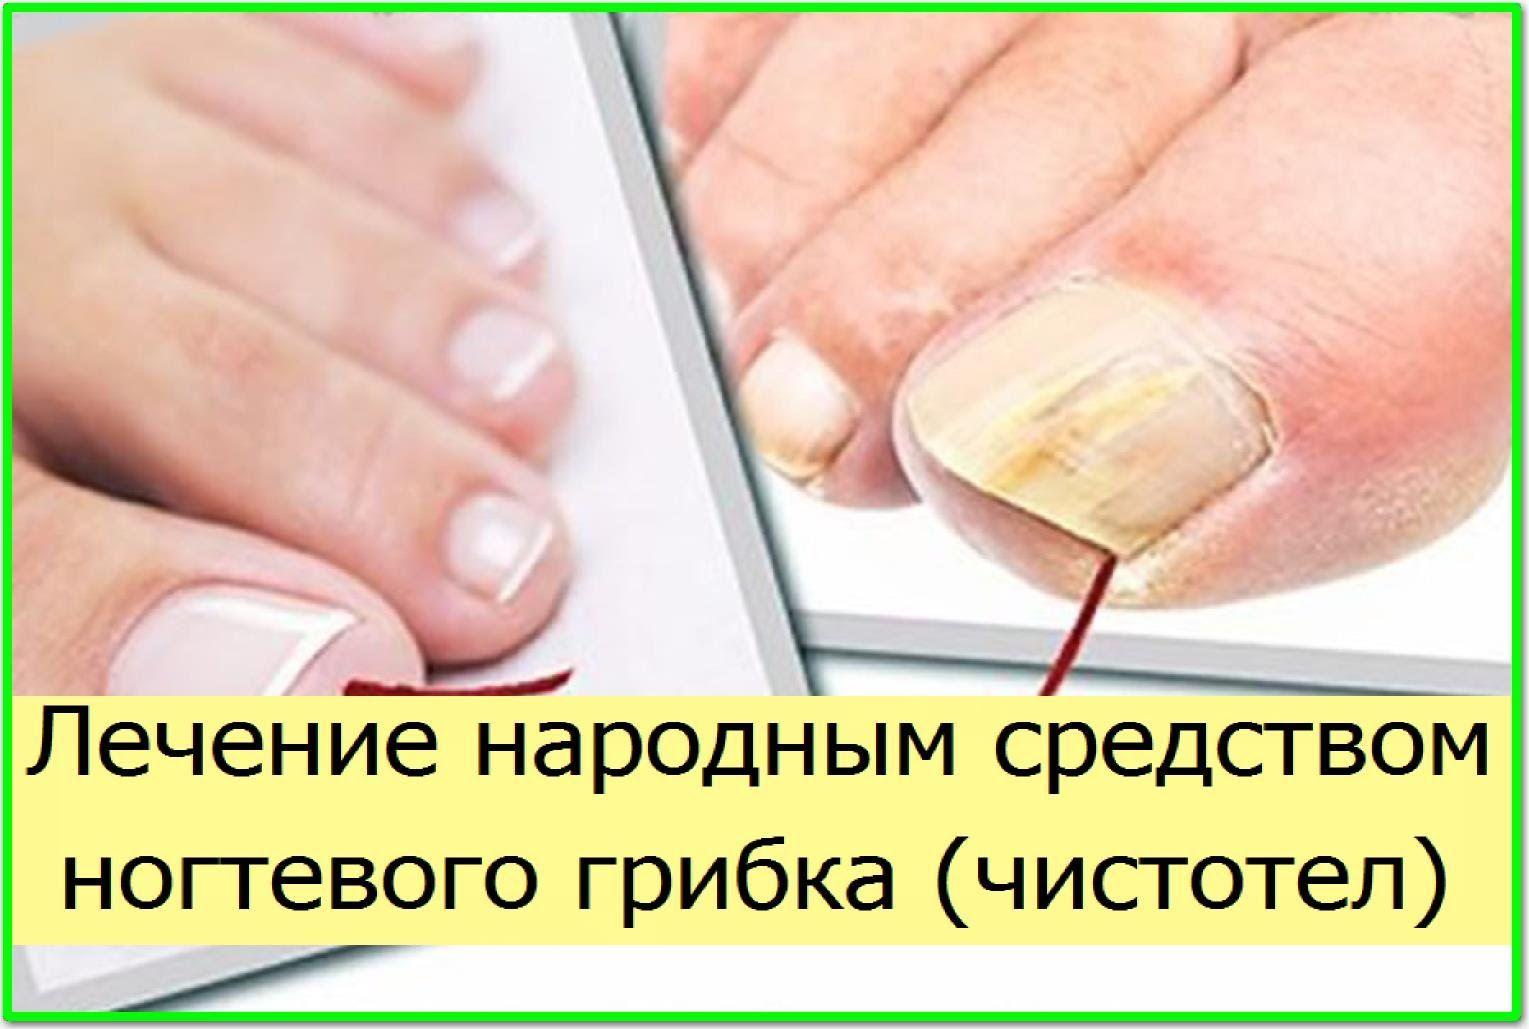 Самые эффективные народные средства лечения грибка ногтей